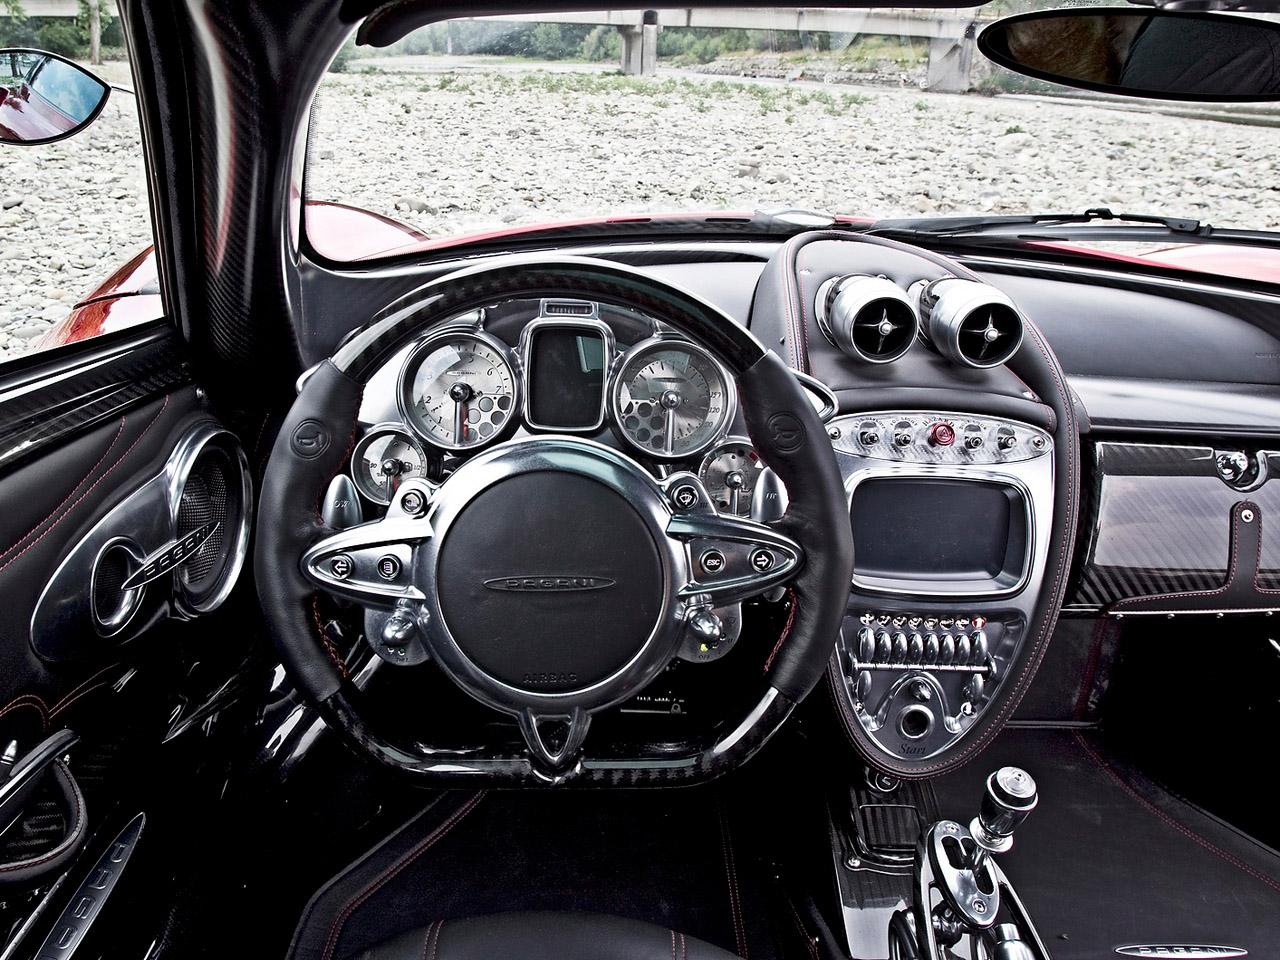 Wallpaper : sports car, Pagani, Huayra, Convertible, performance car